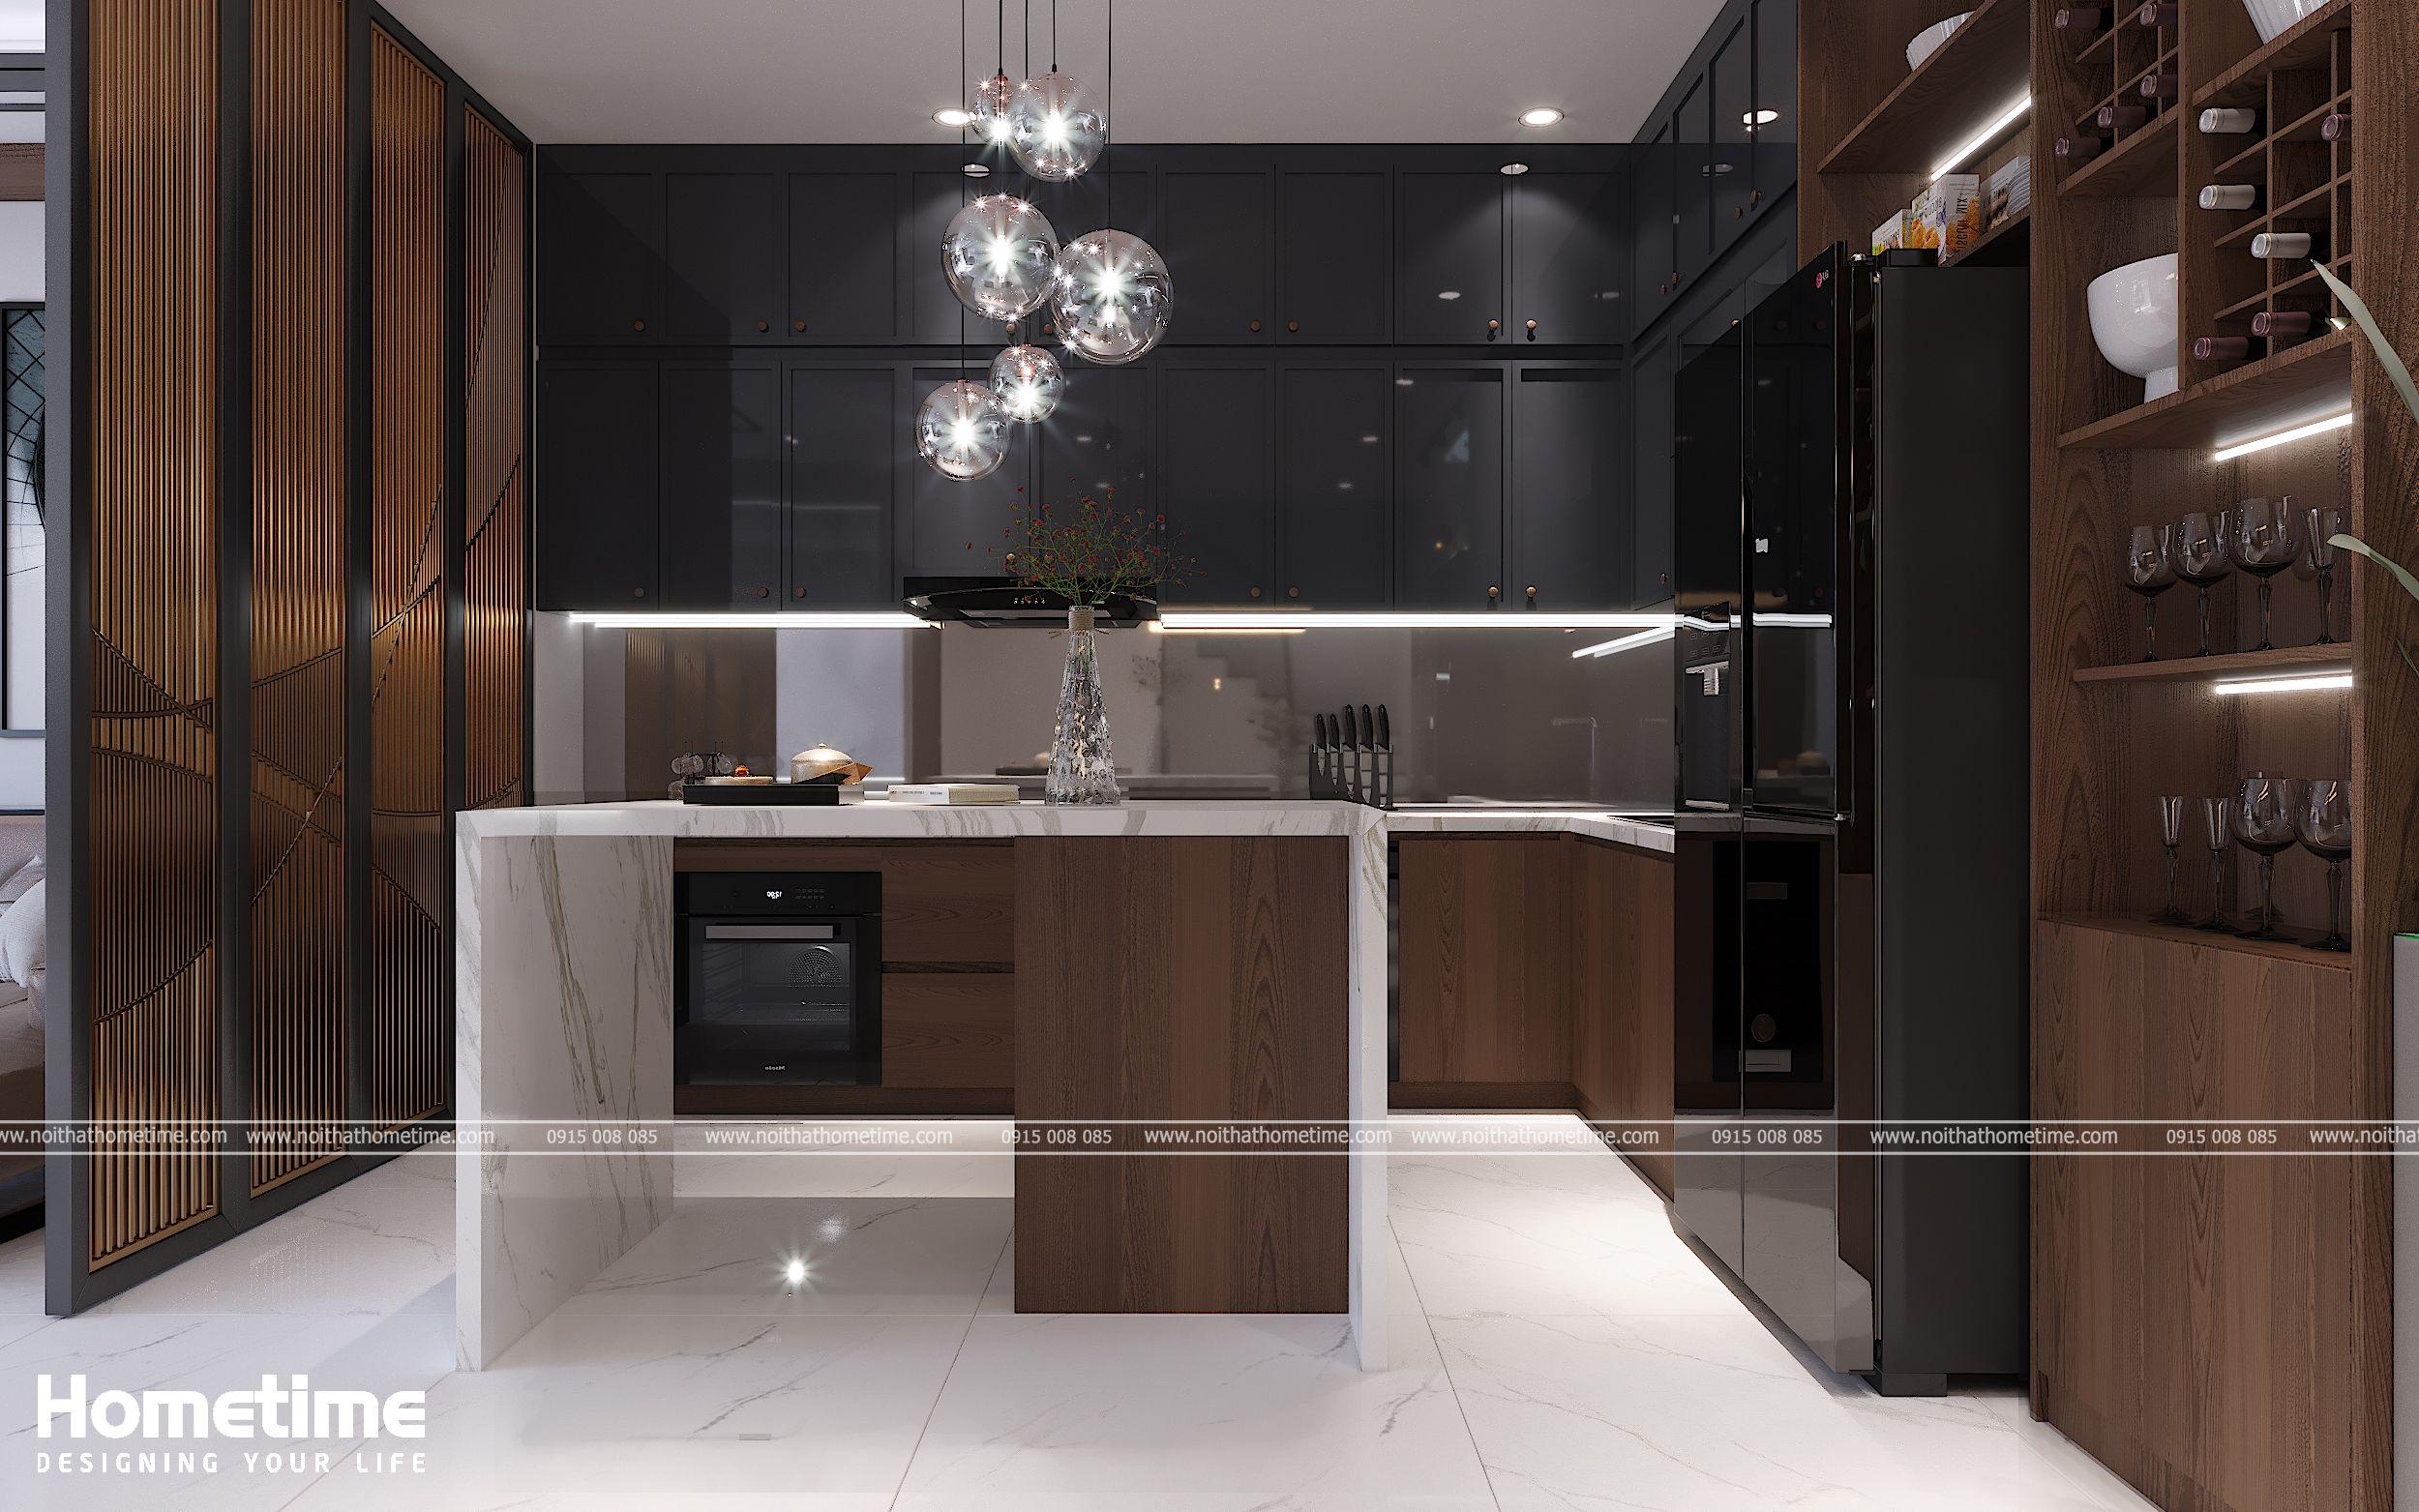 Tủ bếp được thiết kế với công năng sử dụng tối ưu